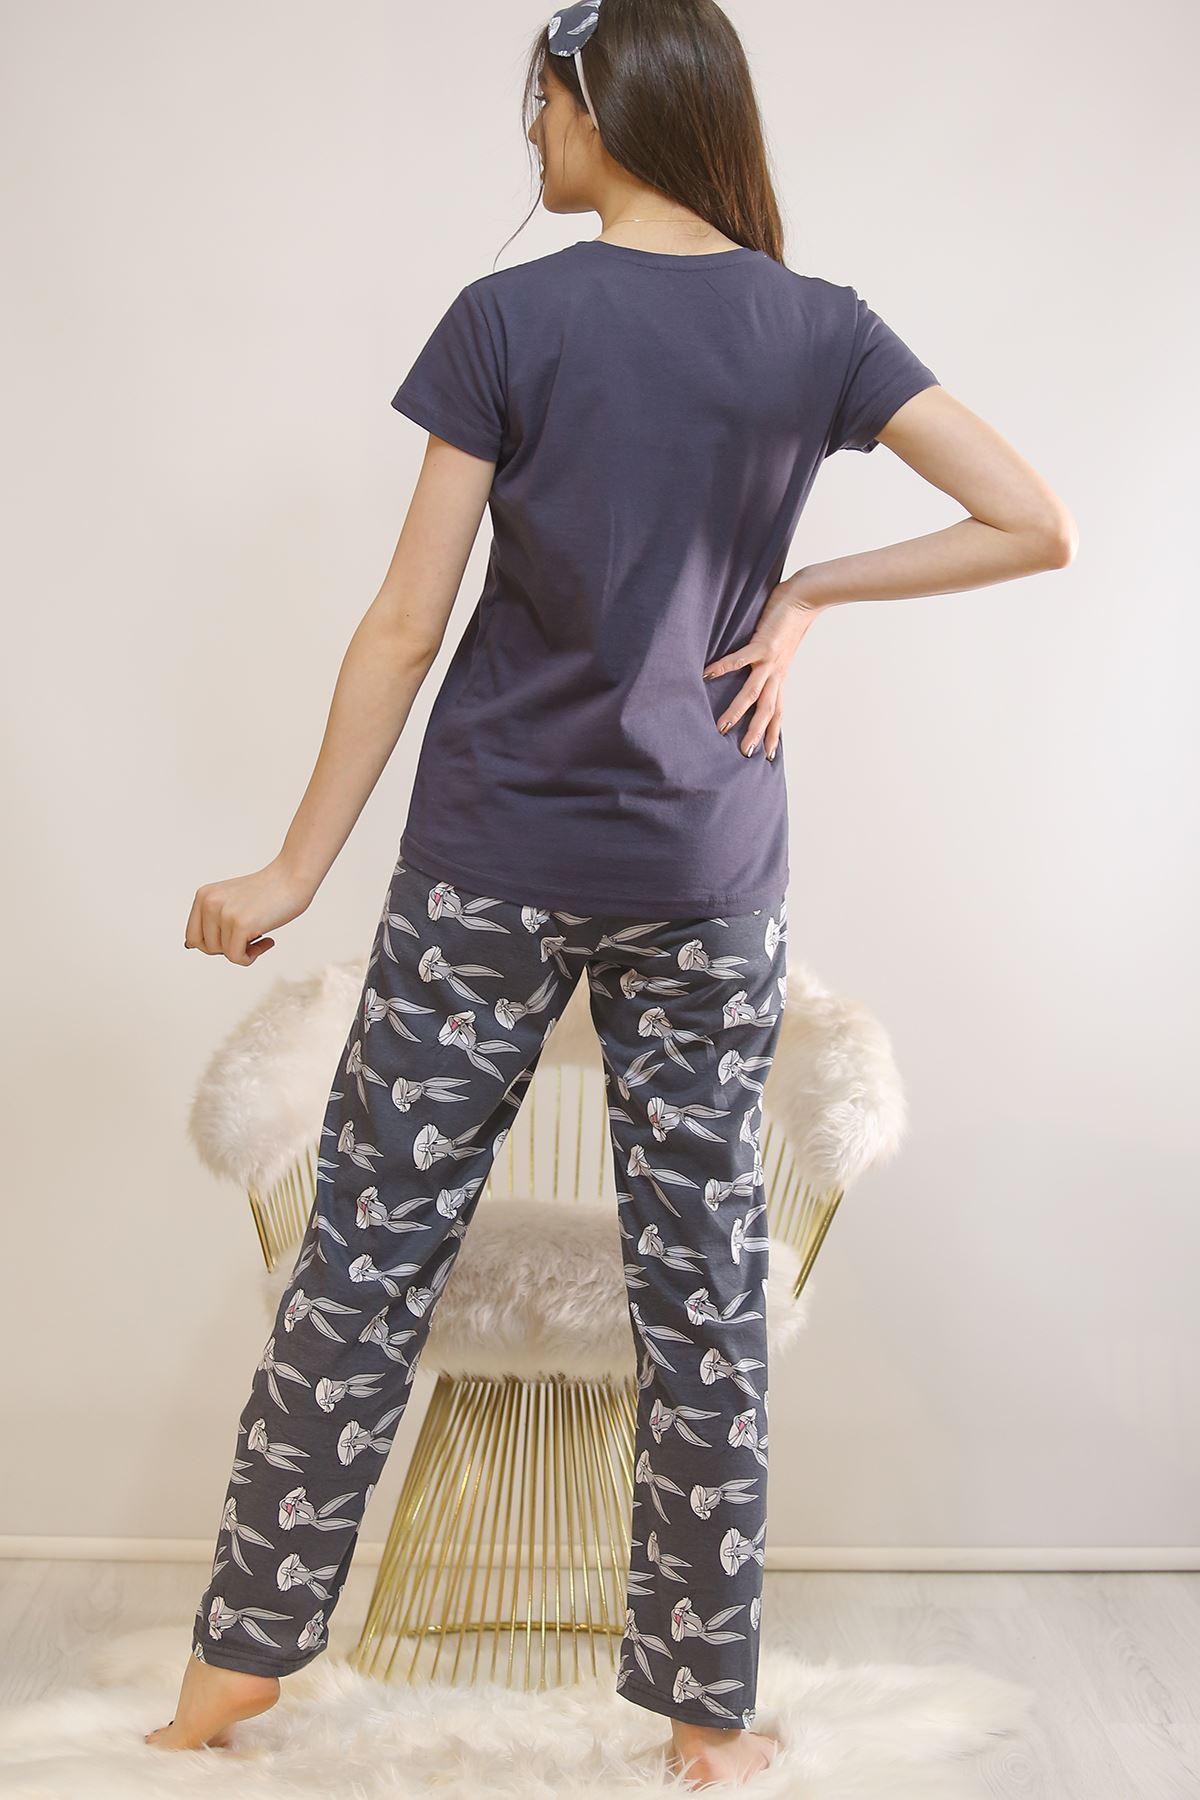 Baskılı Pijama Takımı Füme - 21879.1059.